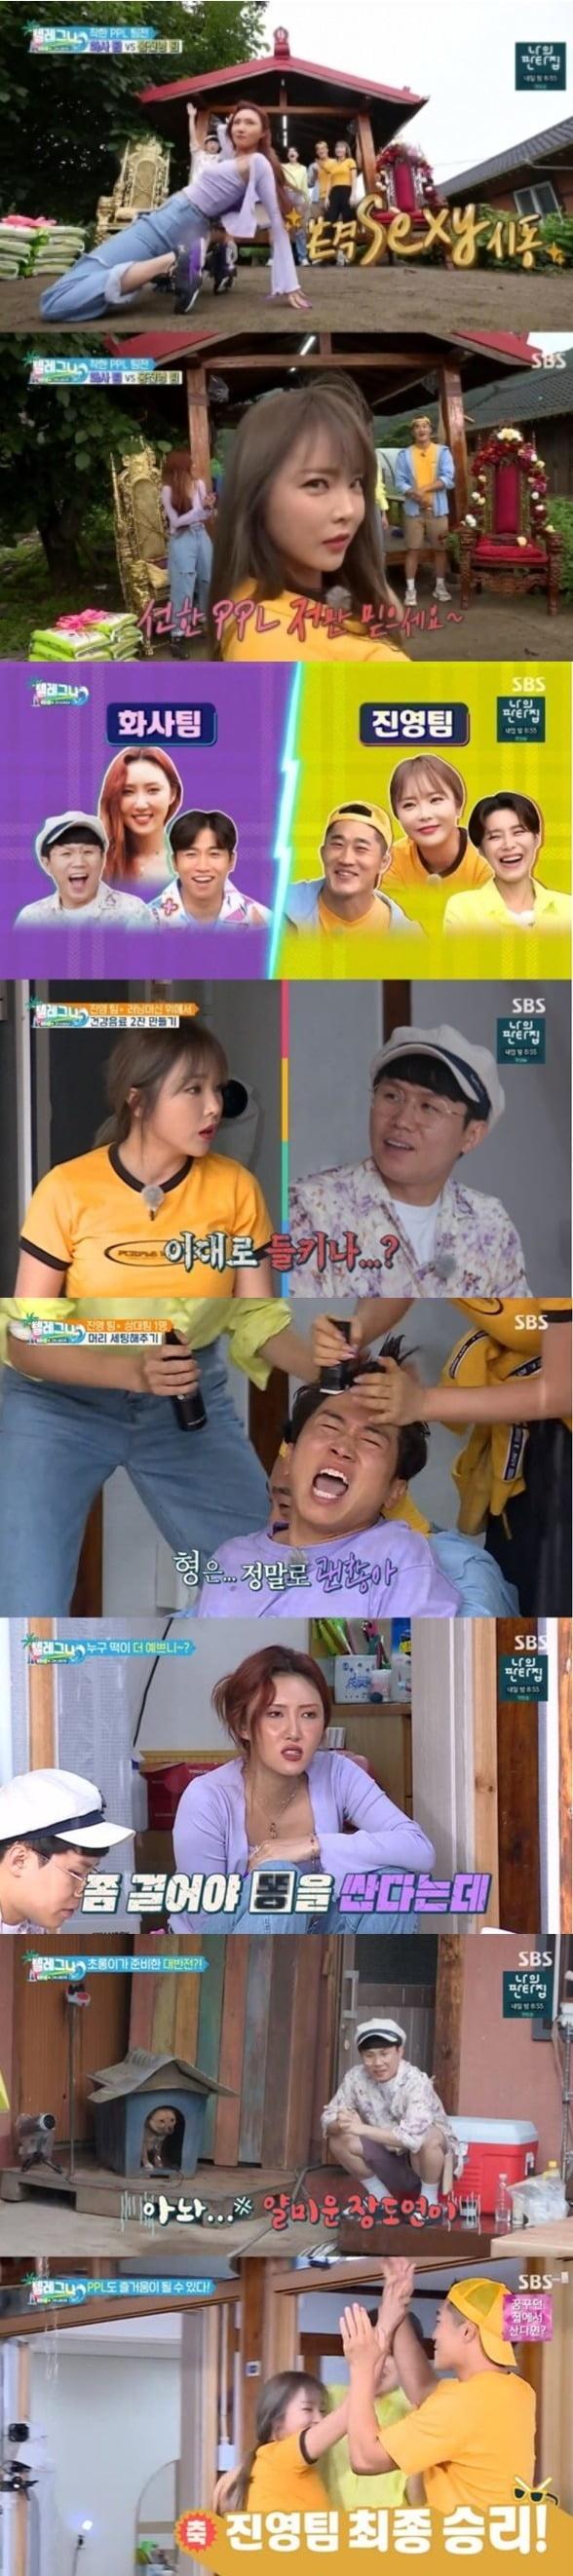 '텔레그나' 홍진영과 화사가 PPL 대결을 펼쳤다. / 사진제공=SBS